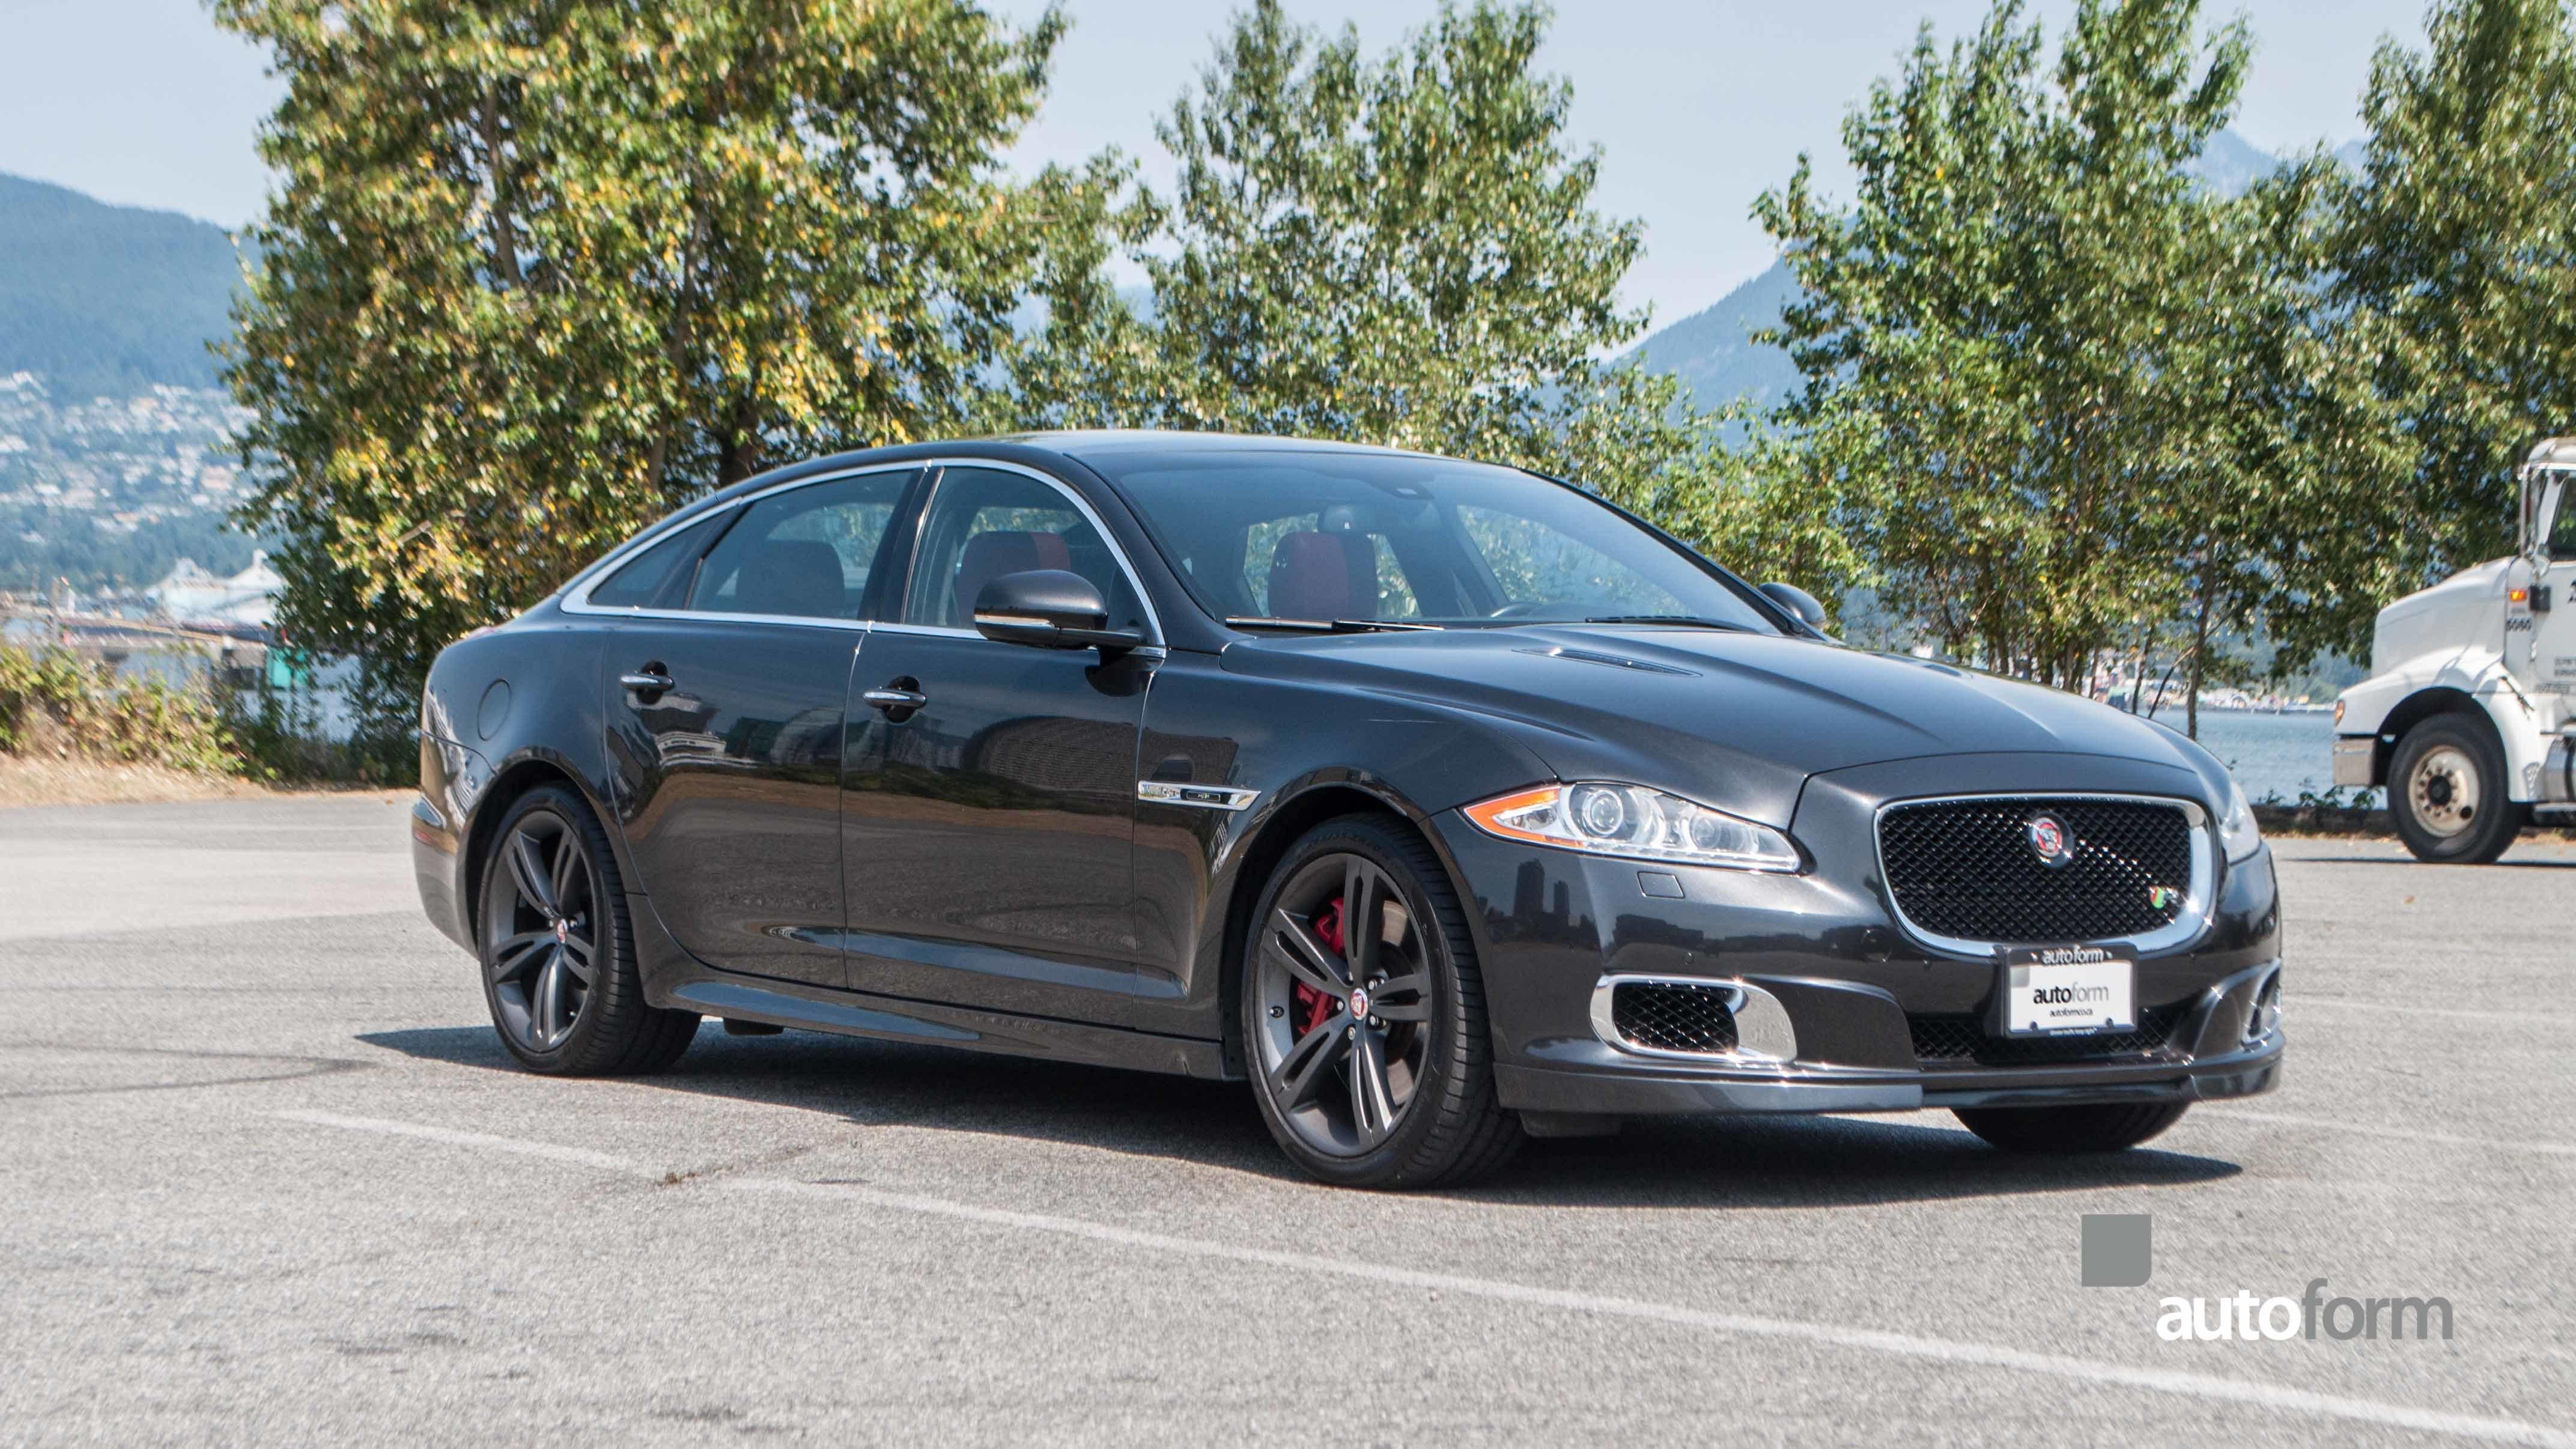 gcc price review jaguar dubai uae front specs xfr xfrs carbonoctane s